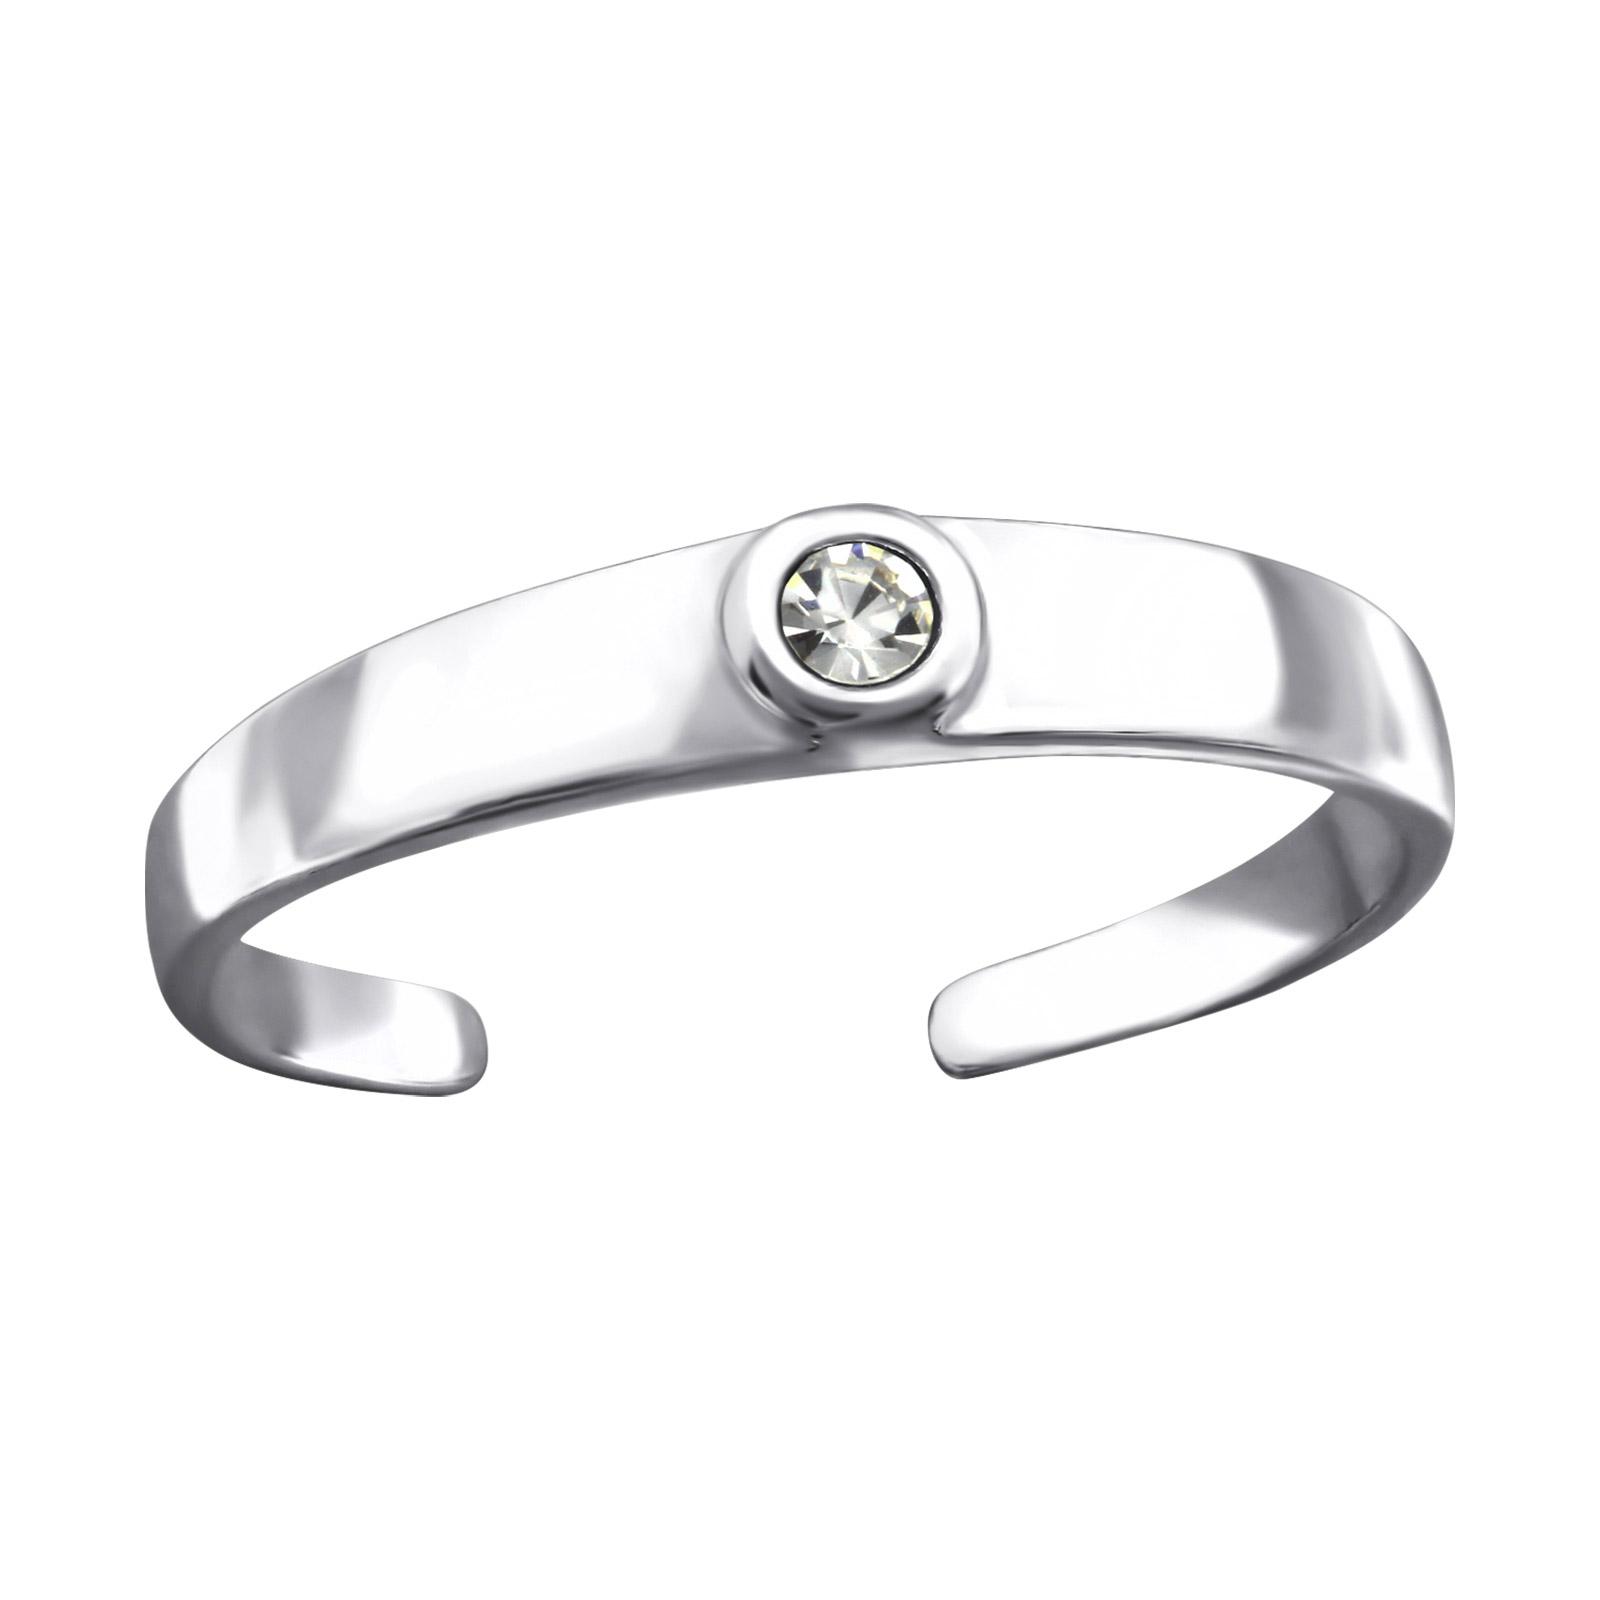 OLIVIE Strieborný prsteň na nohu 2756 Ag 925; ≤0,8 g.